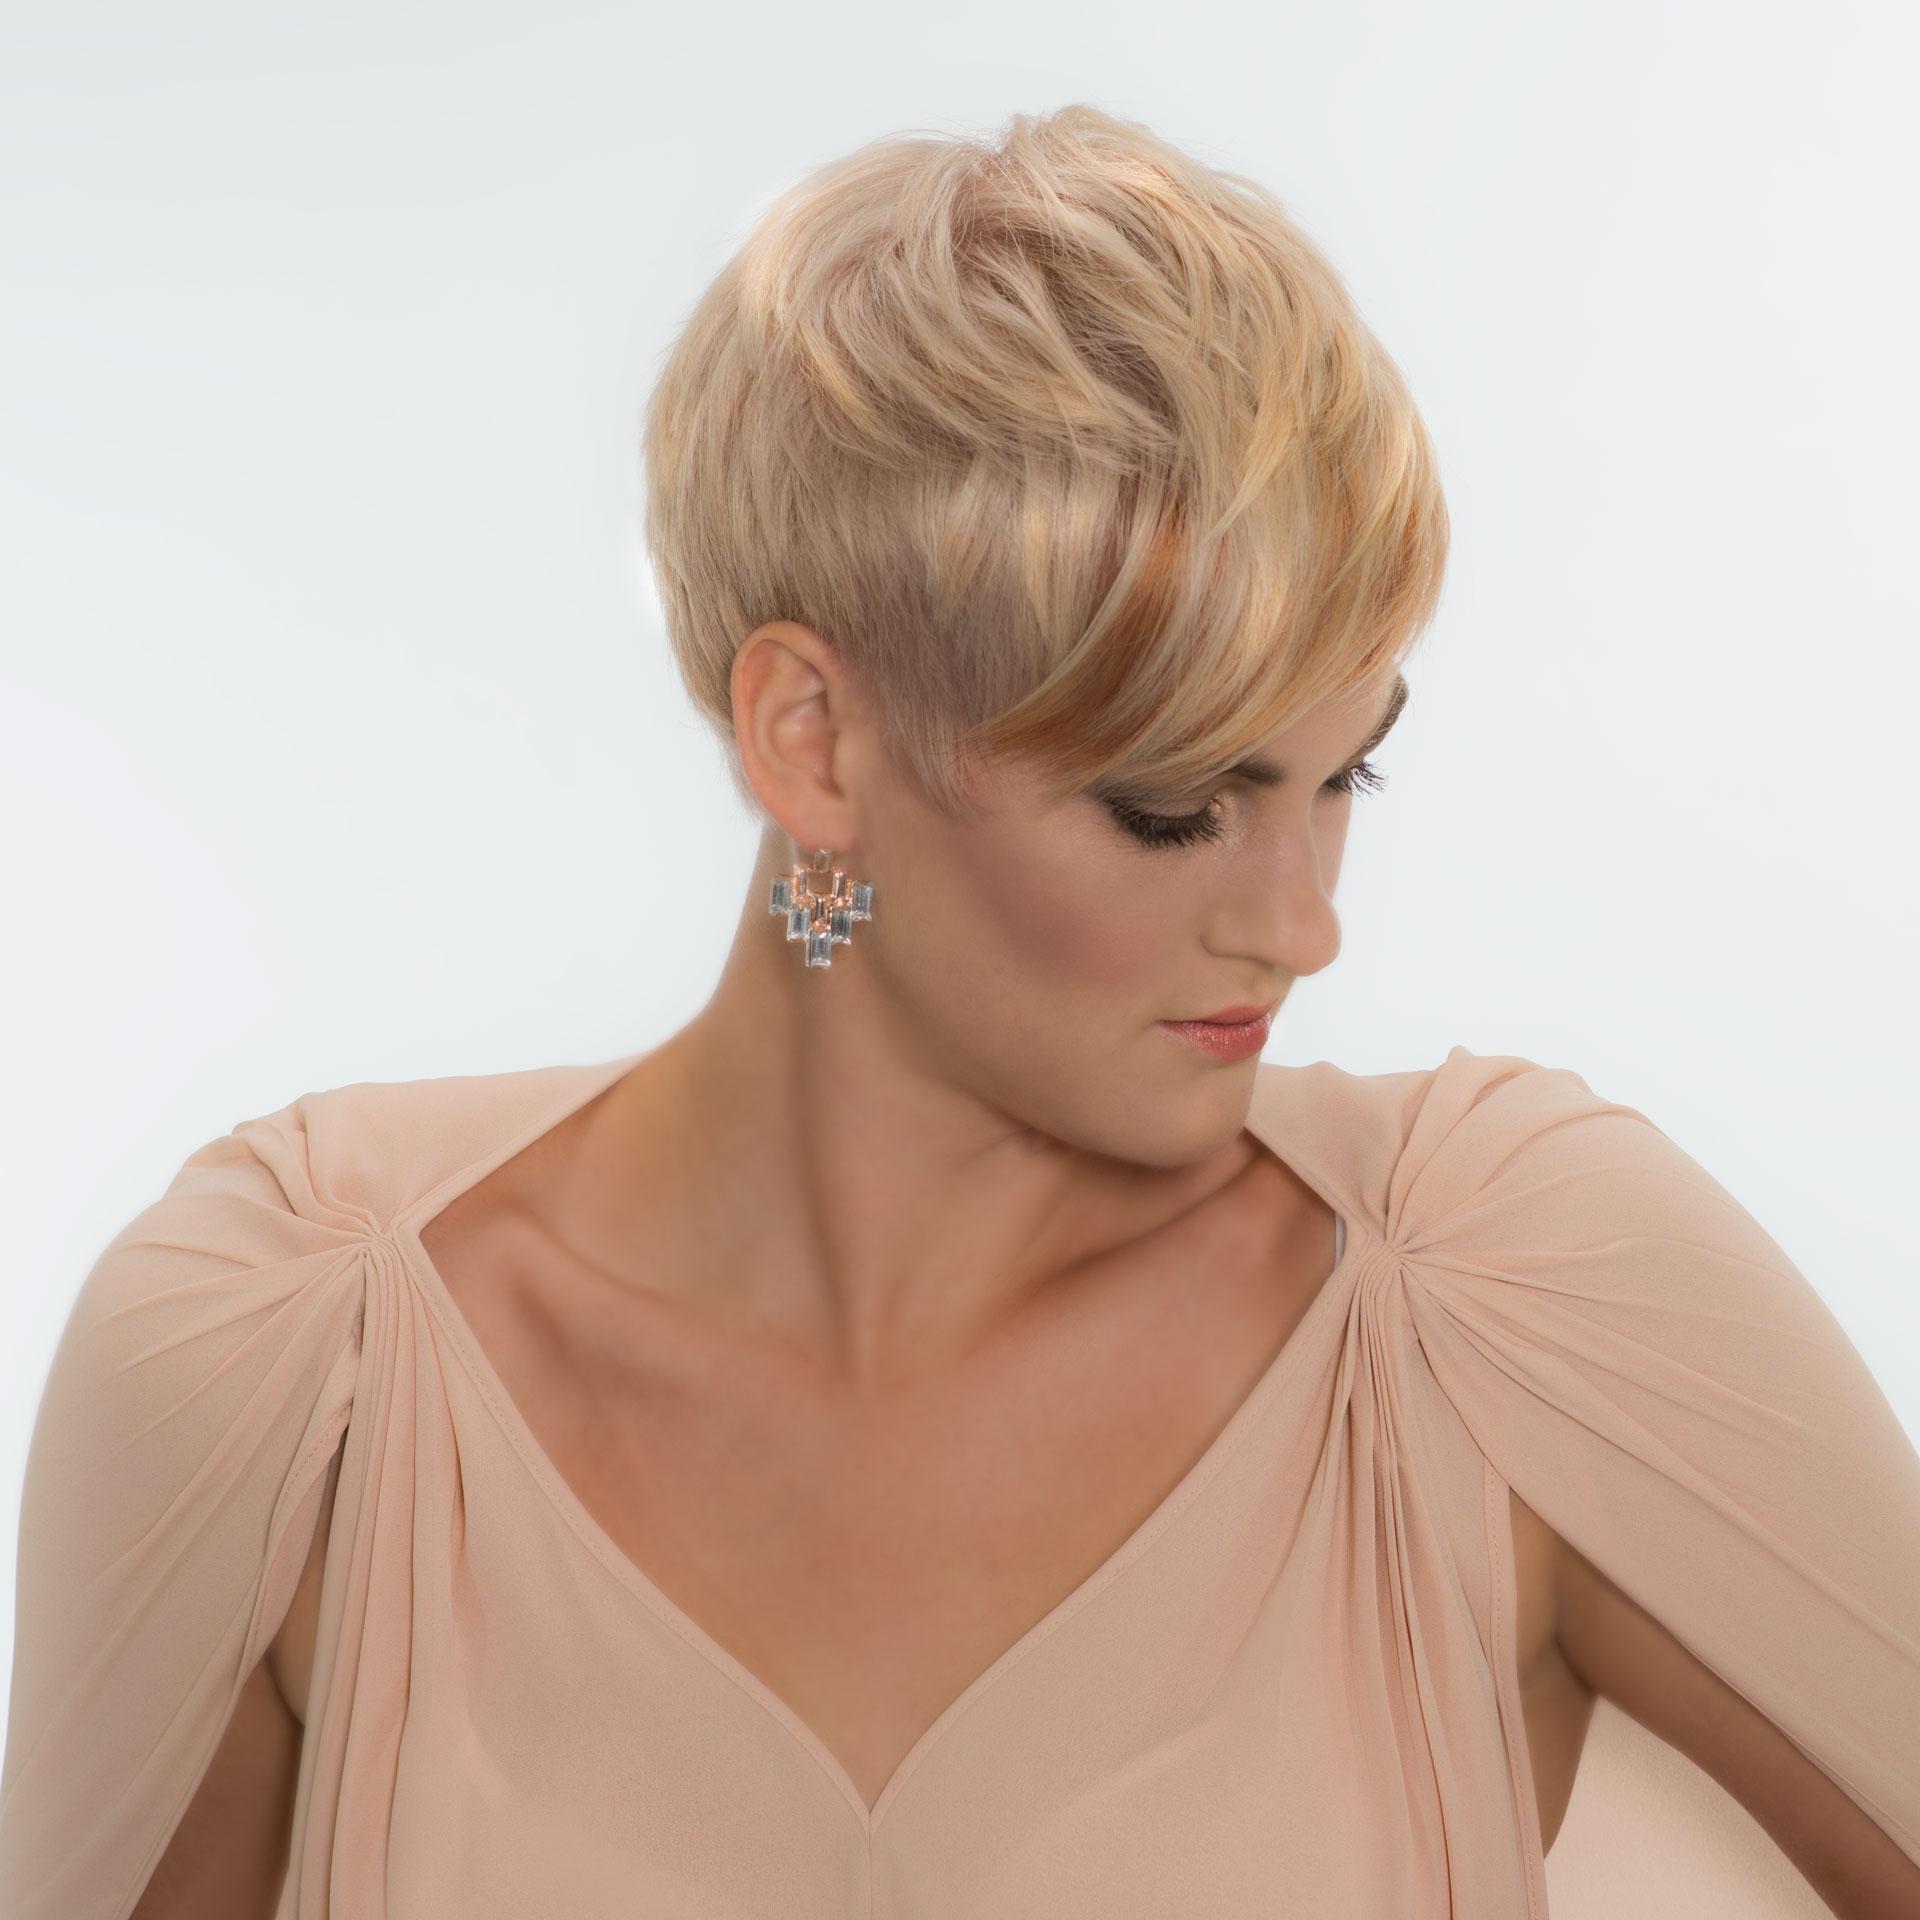 Pixie Haircut Short Hairstyle Plano Frisco Dallas Best Hair Salon